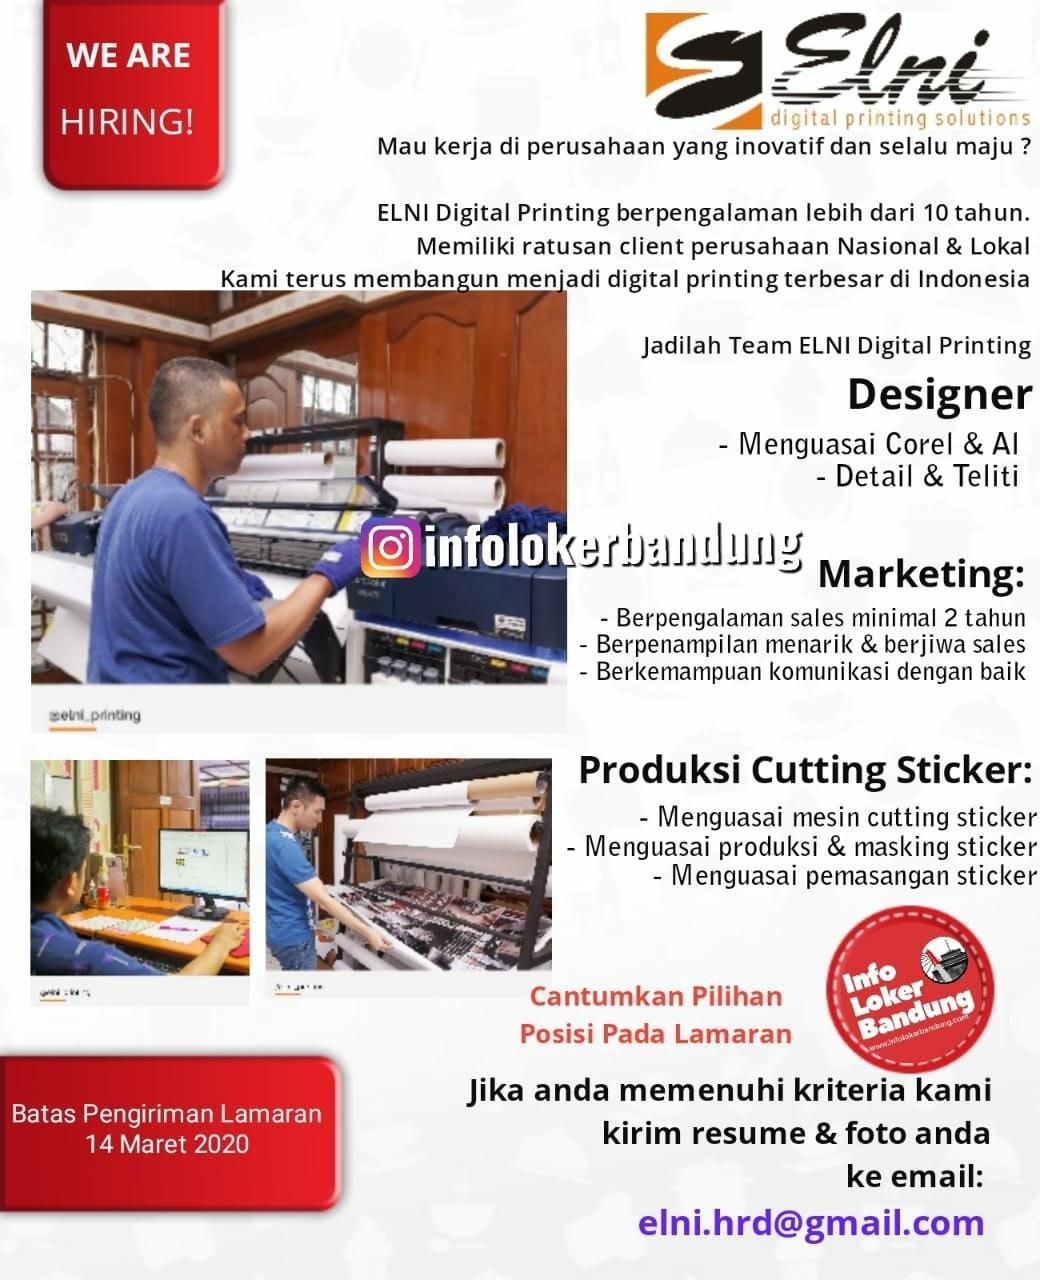 Lowongan Kerja PT. Elni Digital Printing Bandung Maret 2020